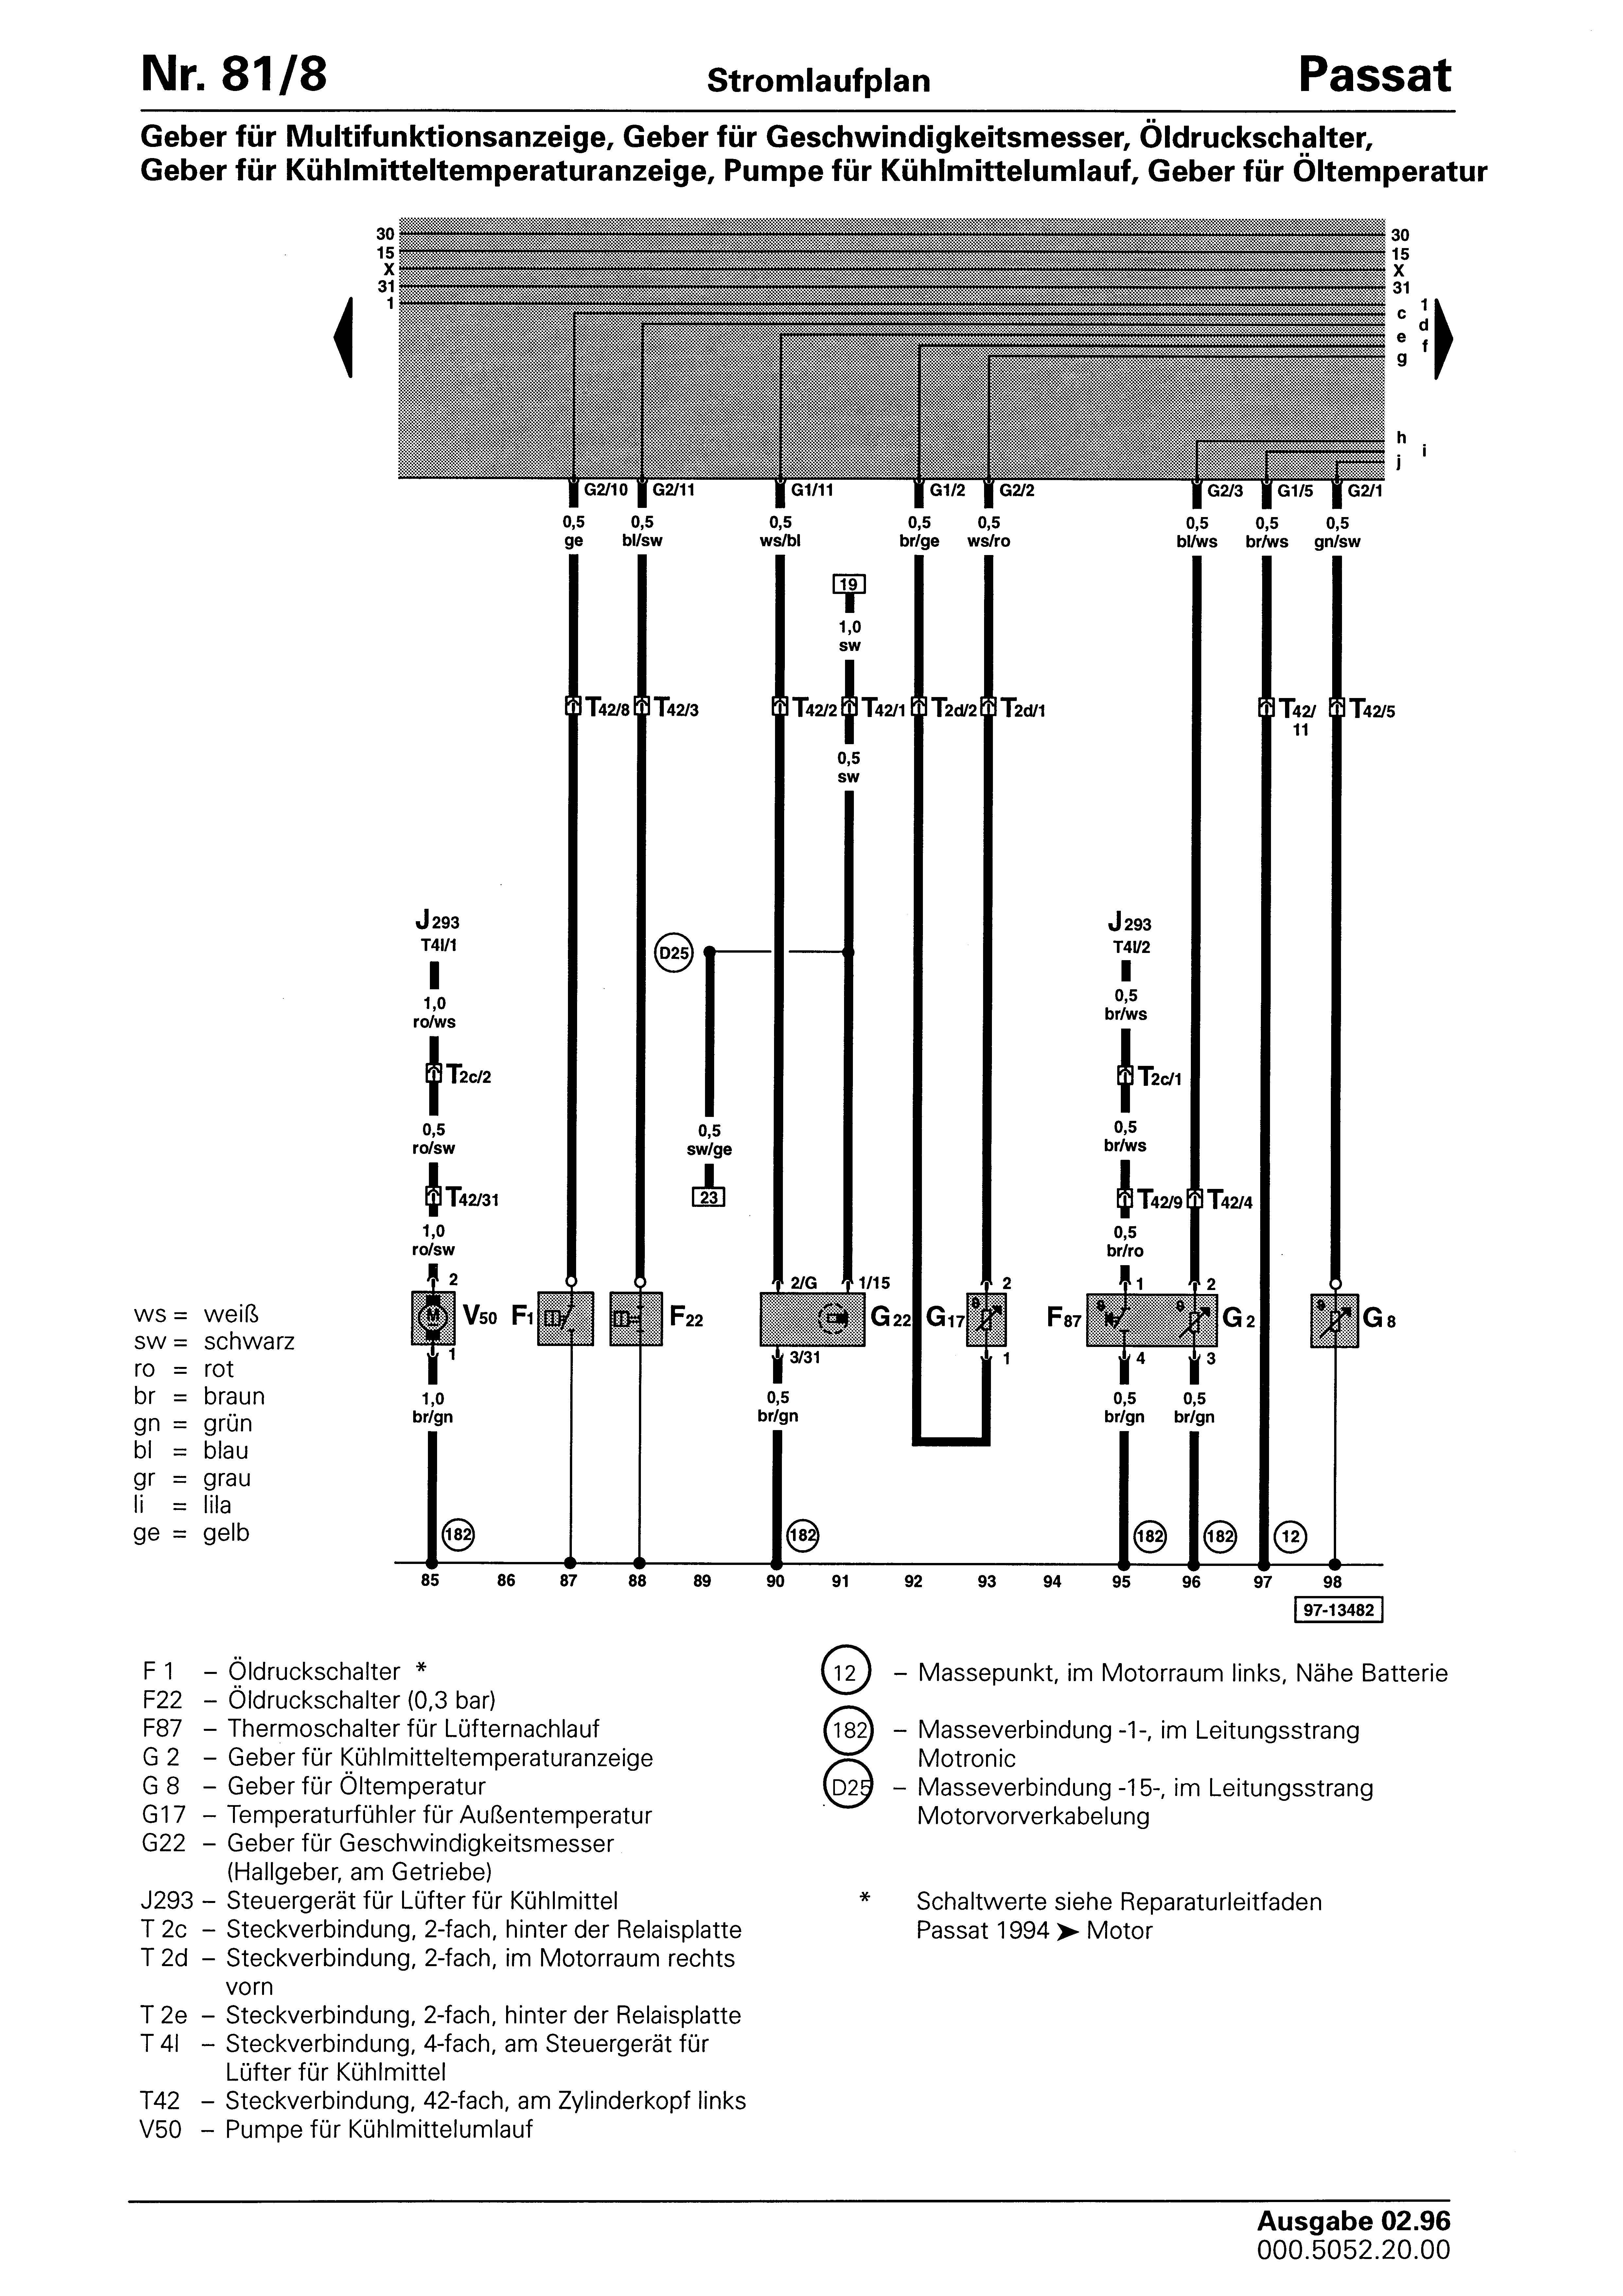 Hallgeber G40 (Nockenwellensensor VR6)